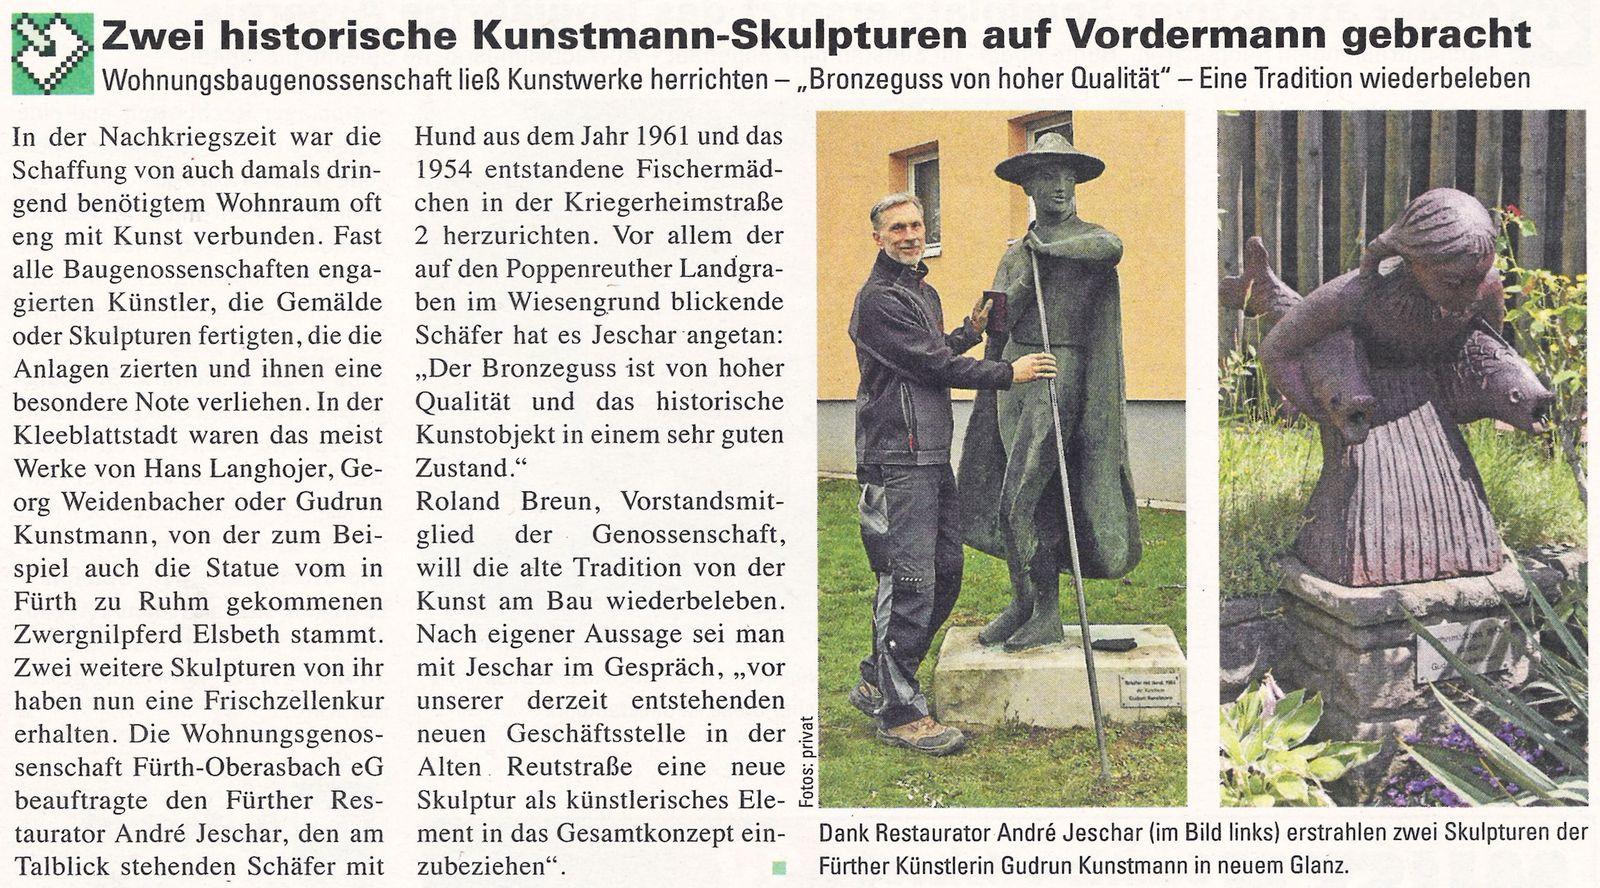 Zwei historische Kunstmann-Skulpturen auf Vordermann gebracht …